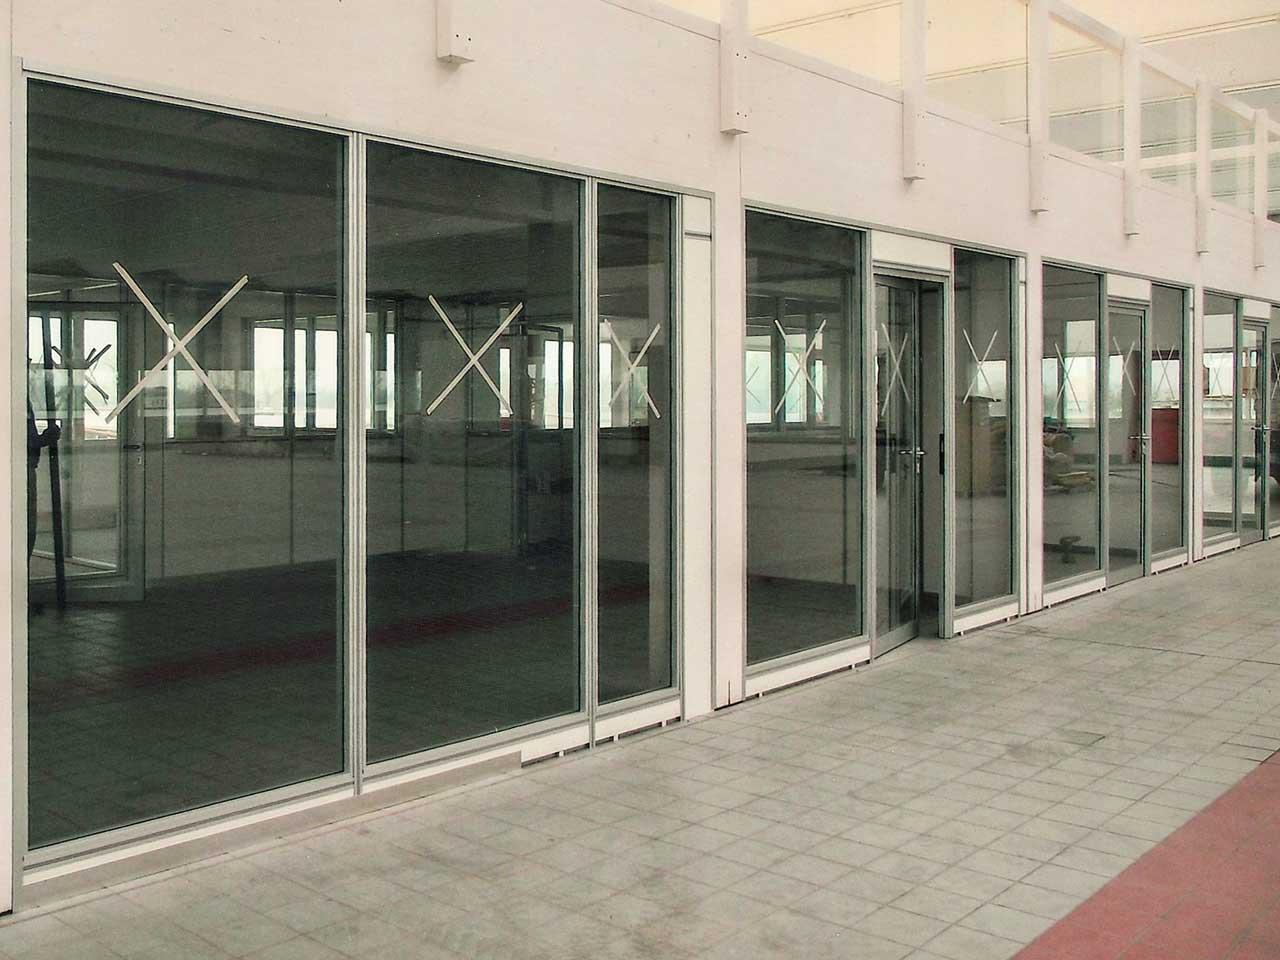 Uffici con pareti divisorie in vetro integrabili con pareti mobili e ...